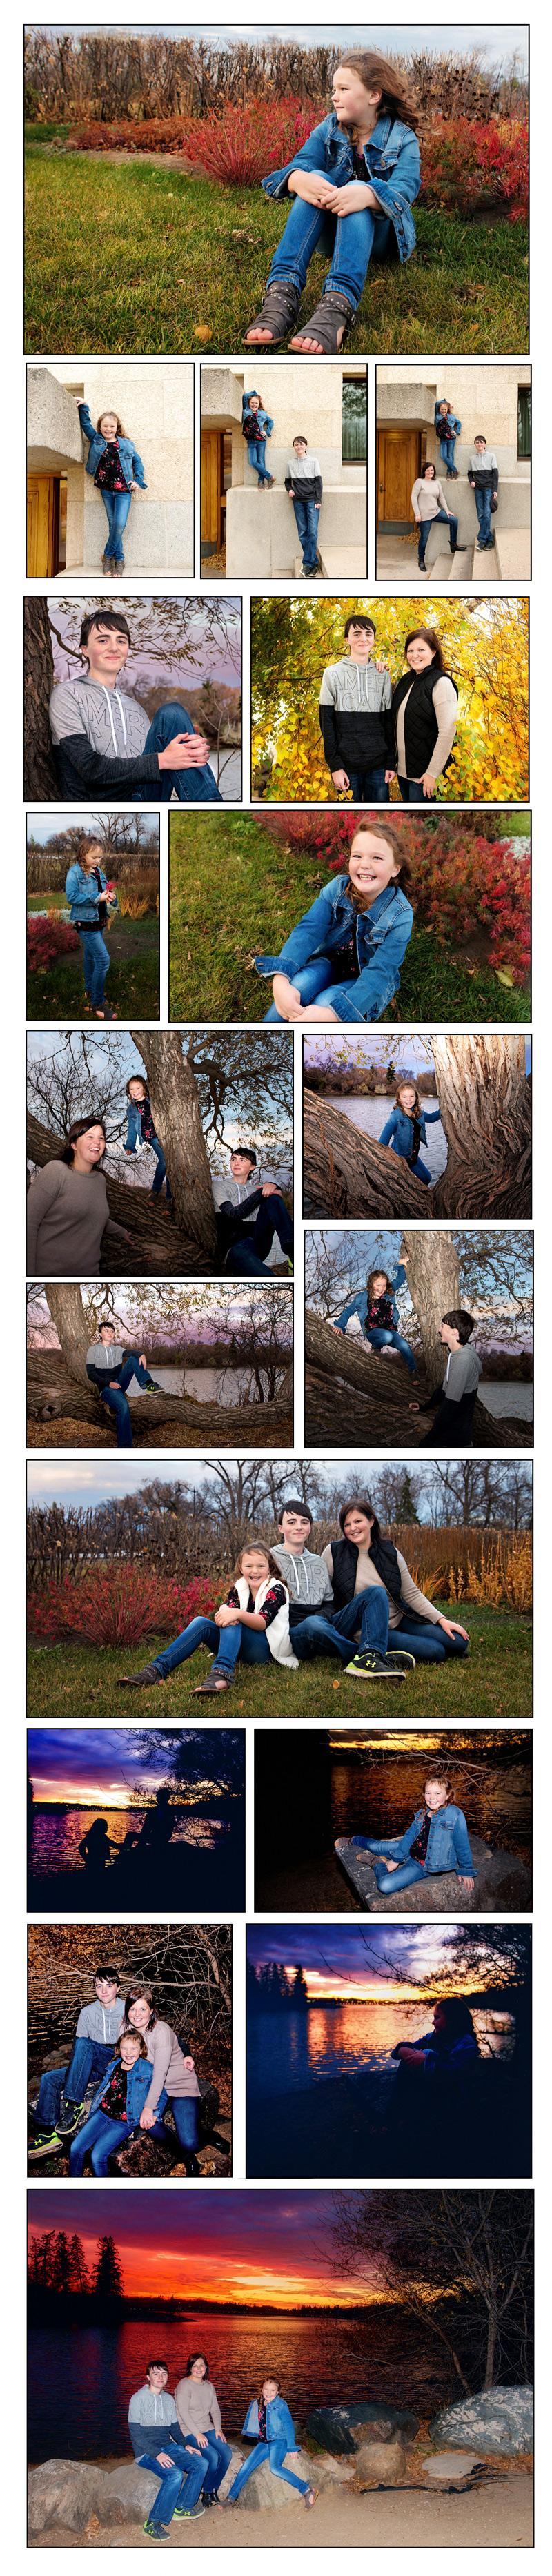 fall-family-photos-regina-free-lense-photo-05.jpg